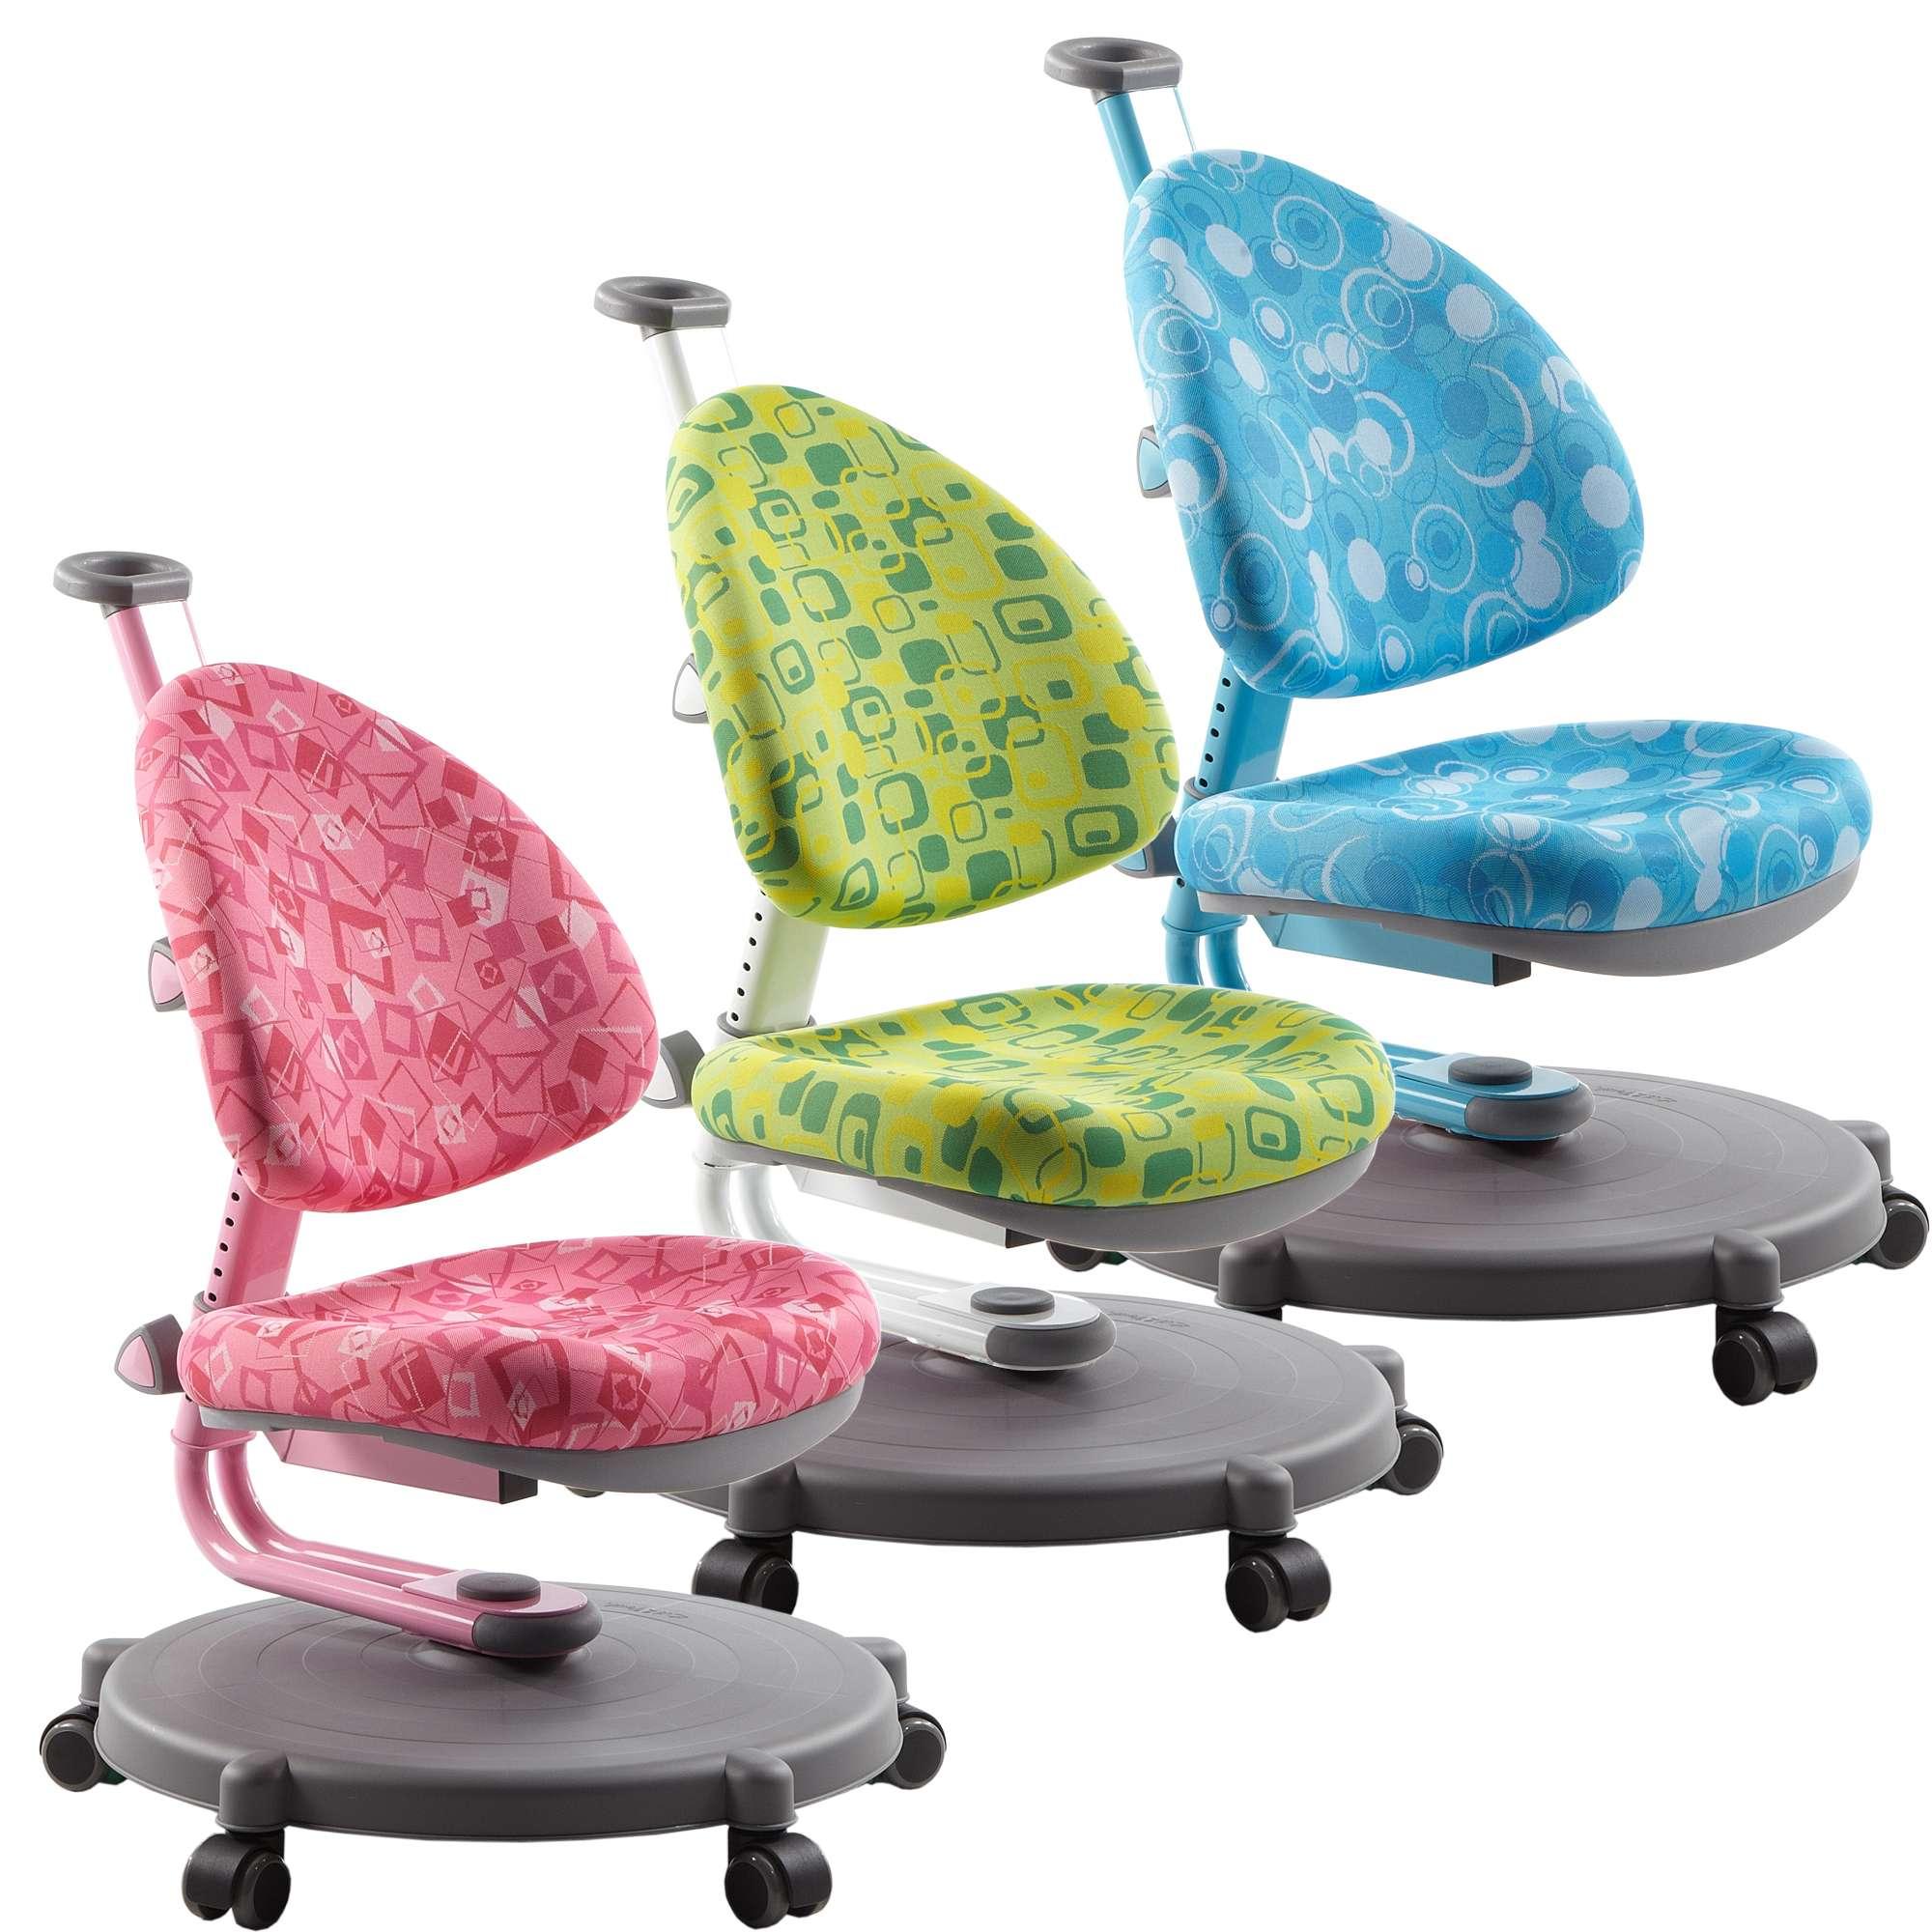 Rastúce stoličky, nastaviteľné zdravotné stoličky predaj